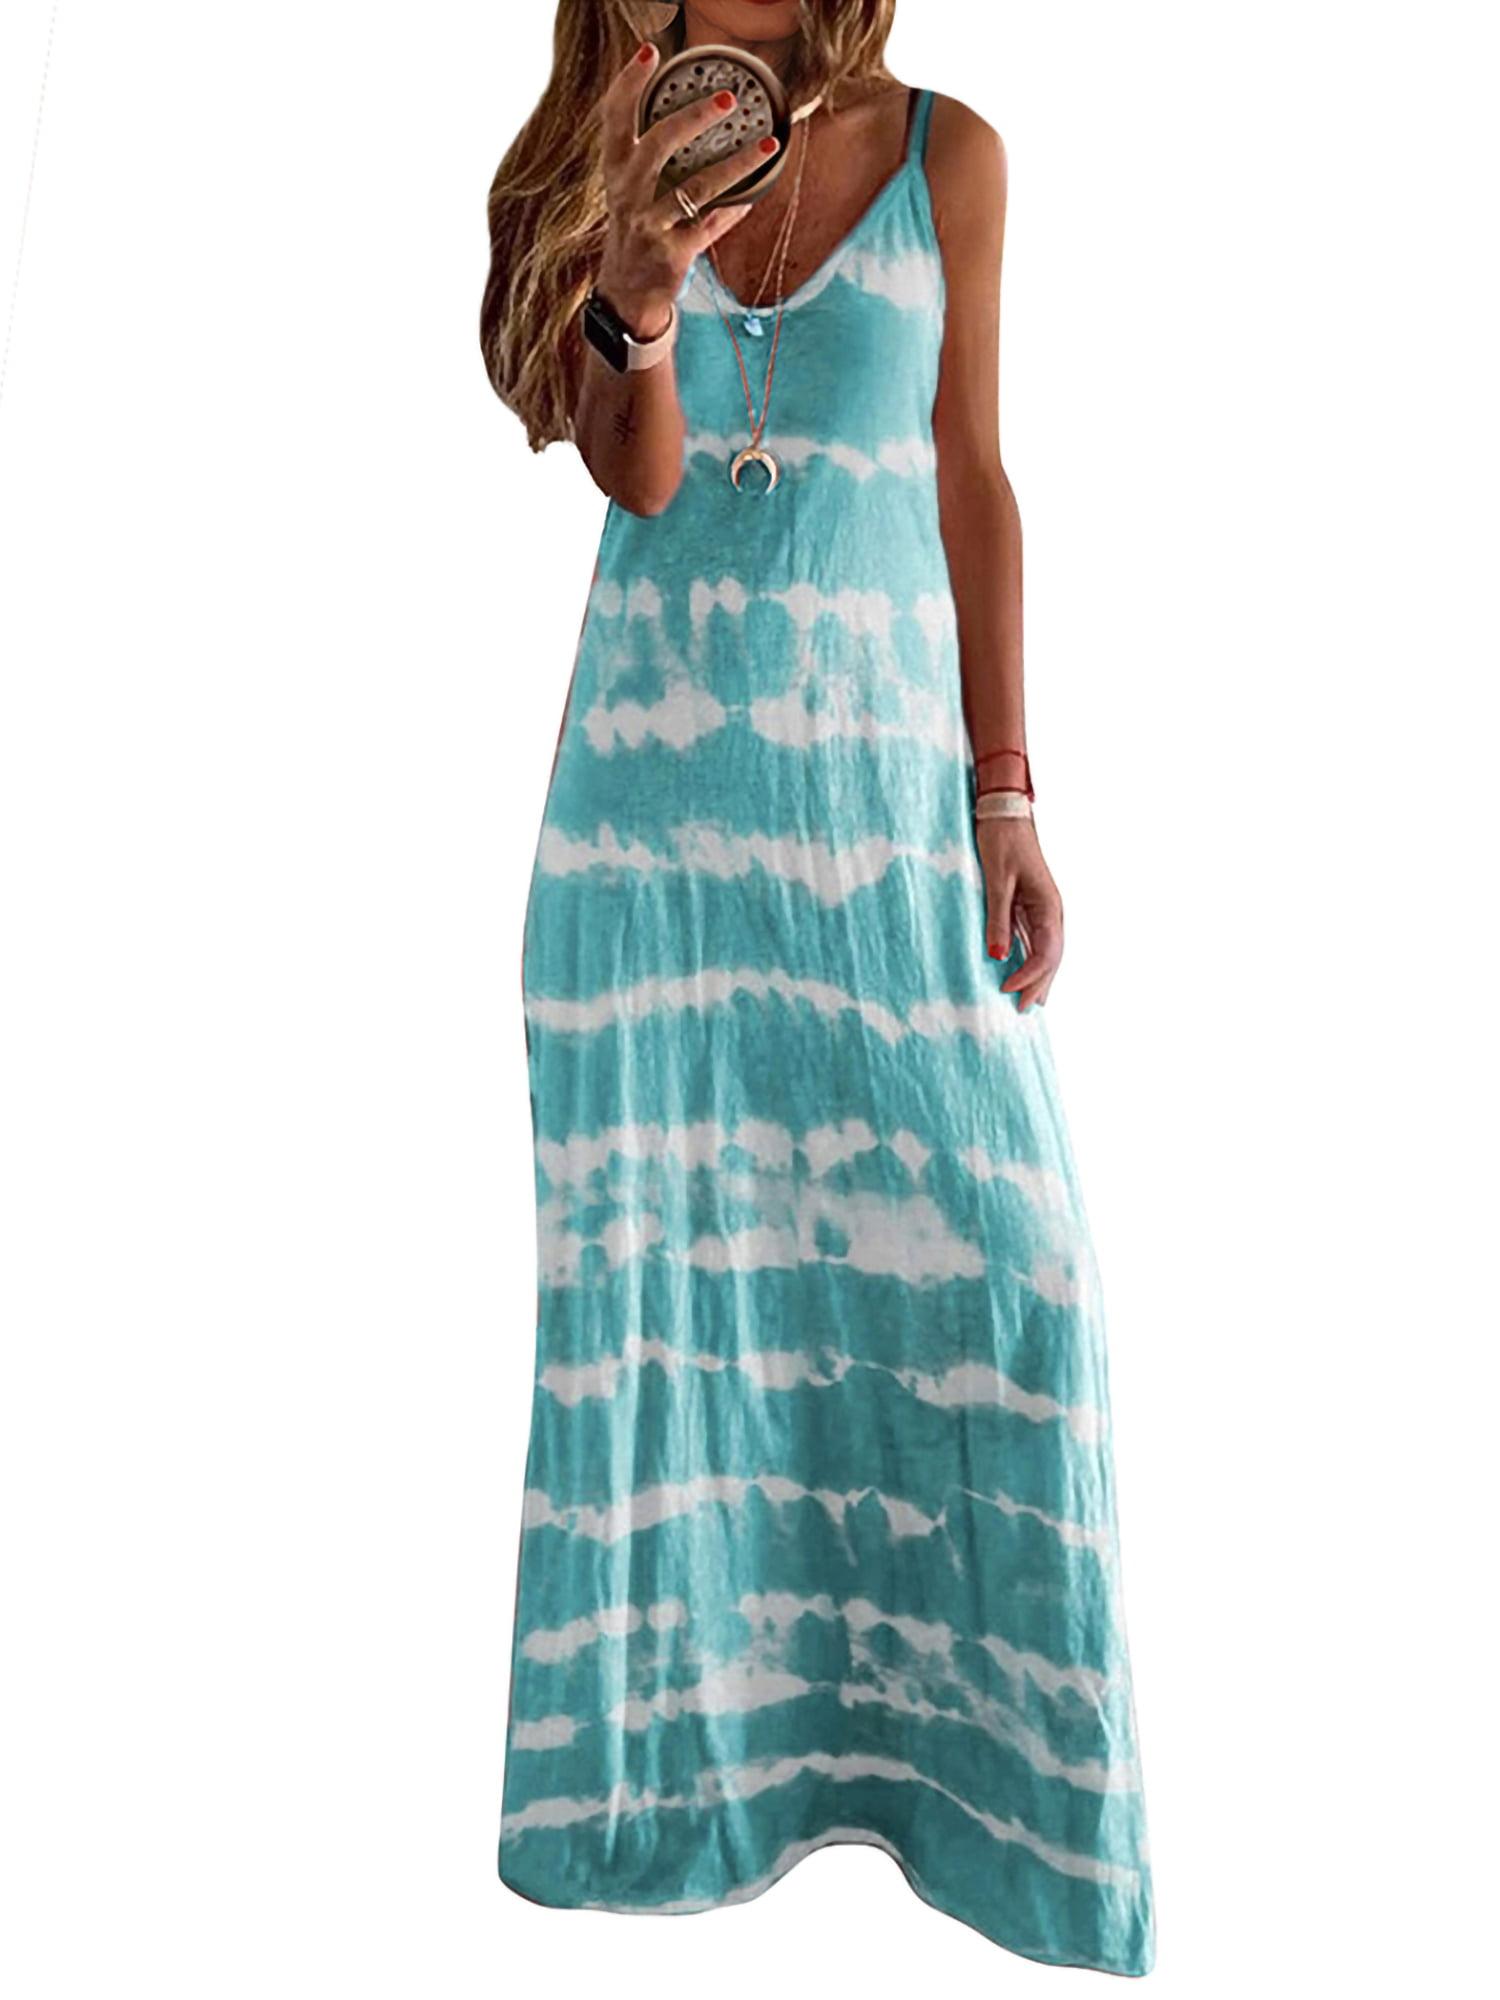 Summer Clothing,Black Orange Summer Maxi Dress Convertible Dress Women Dress Avant Garde Dress Beach Dress Long Dress Boho Maxi Dress